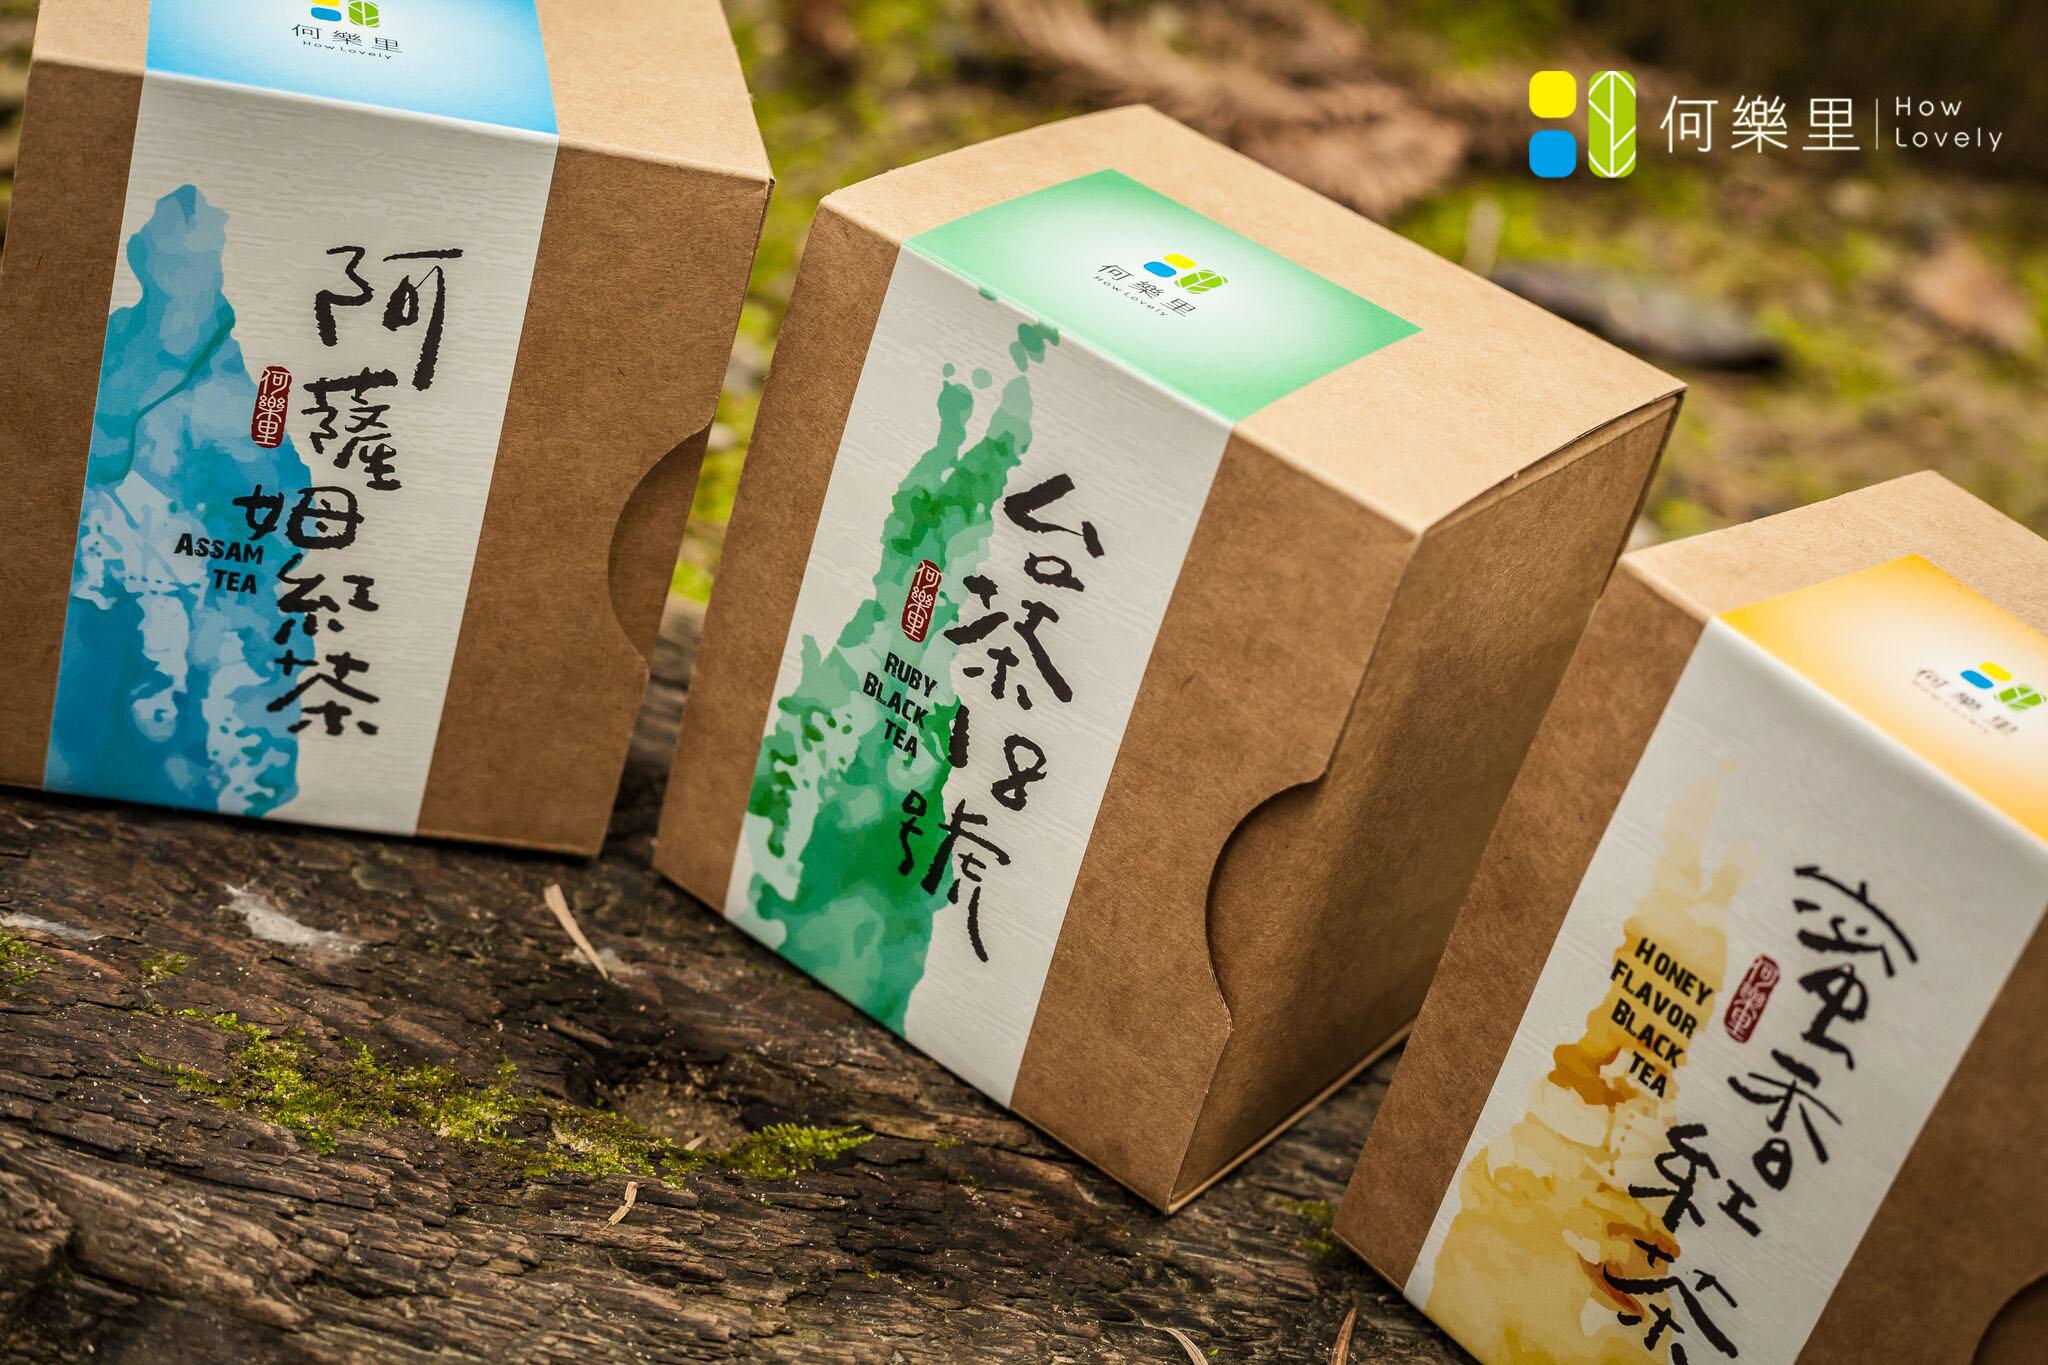 «何樂里»㊣精緻伴手好禮免運組㊣伴手就要在地台灣香系列-阿薩姆紅茶、台茶18號紅玉紅茶、台茶18號蜜香紅茶㊣茶包12包裝/盒,三盒優惠免運組㊣伴手好禮就要選經典暢銷好茶( ^ω^)